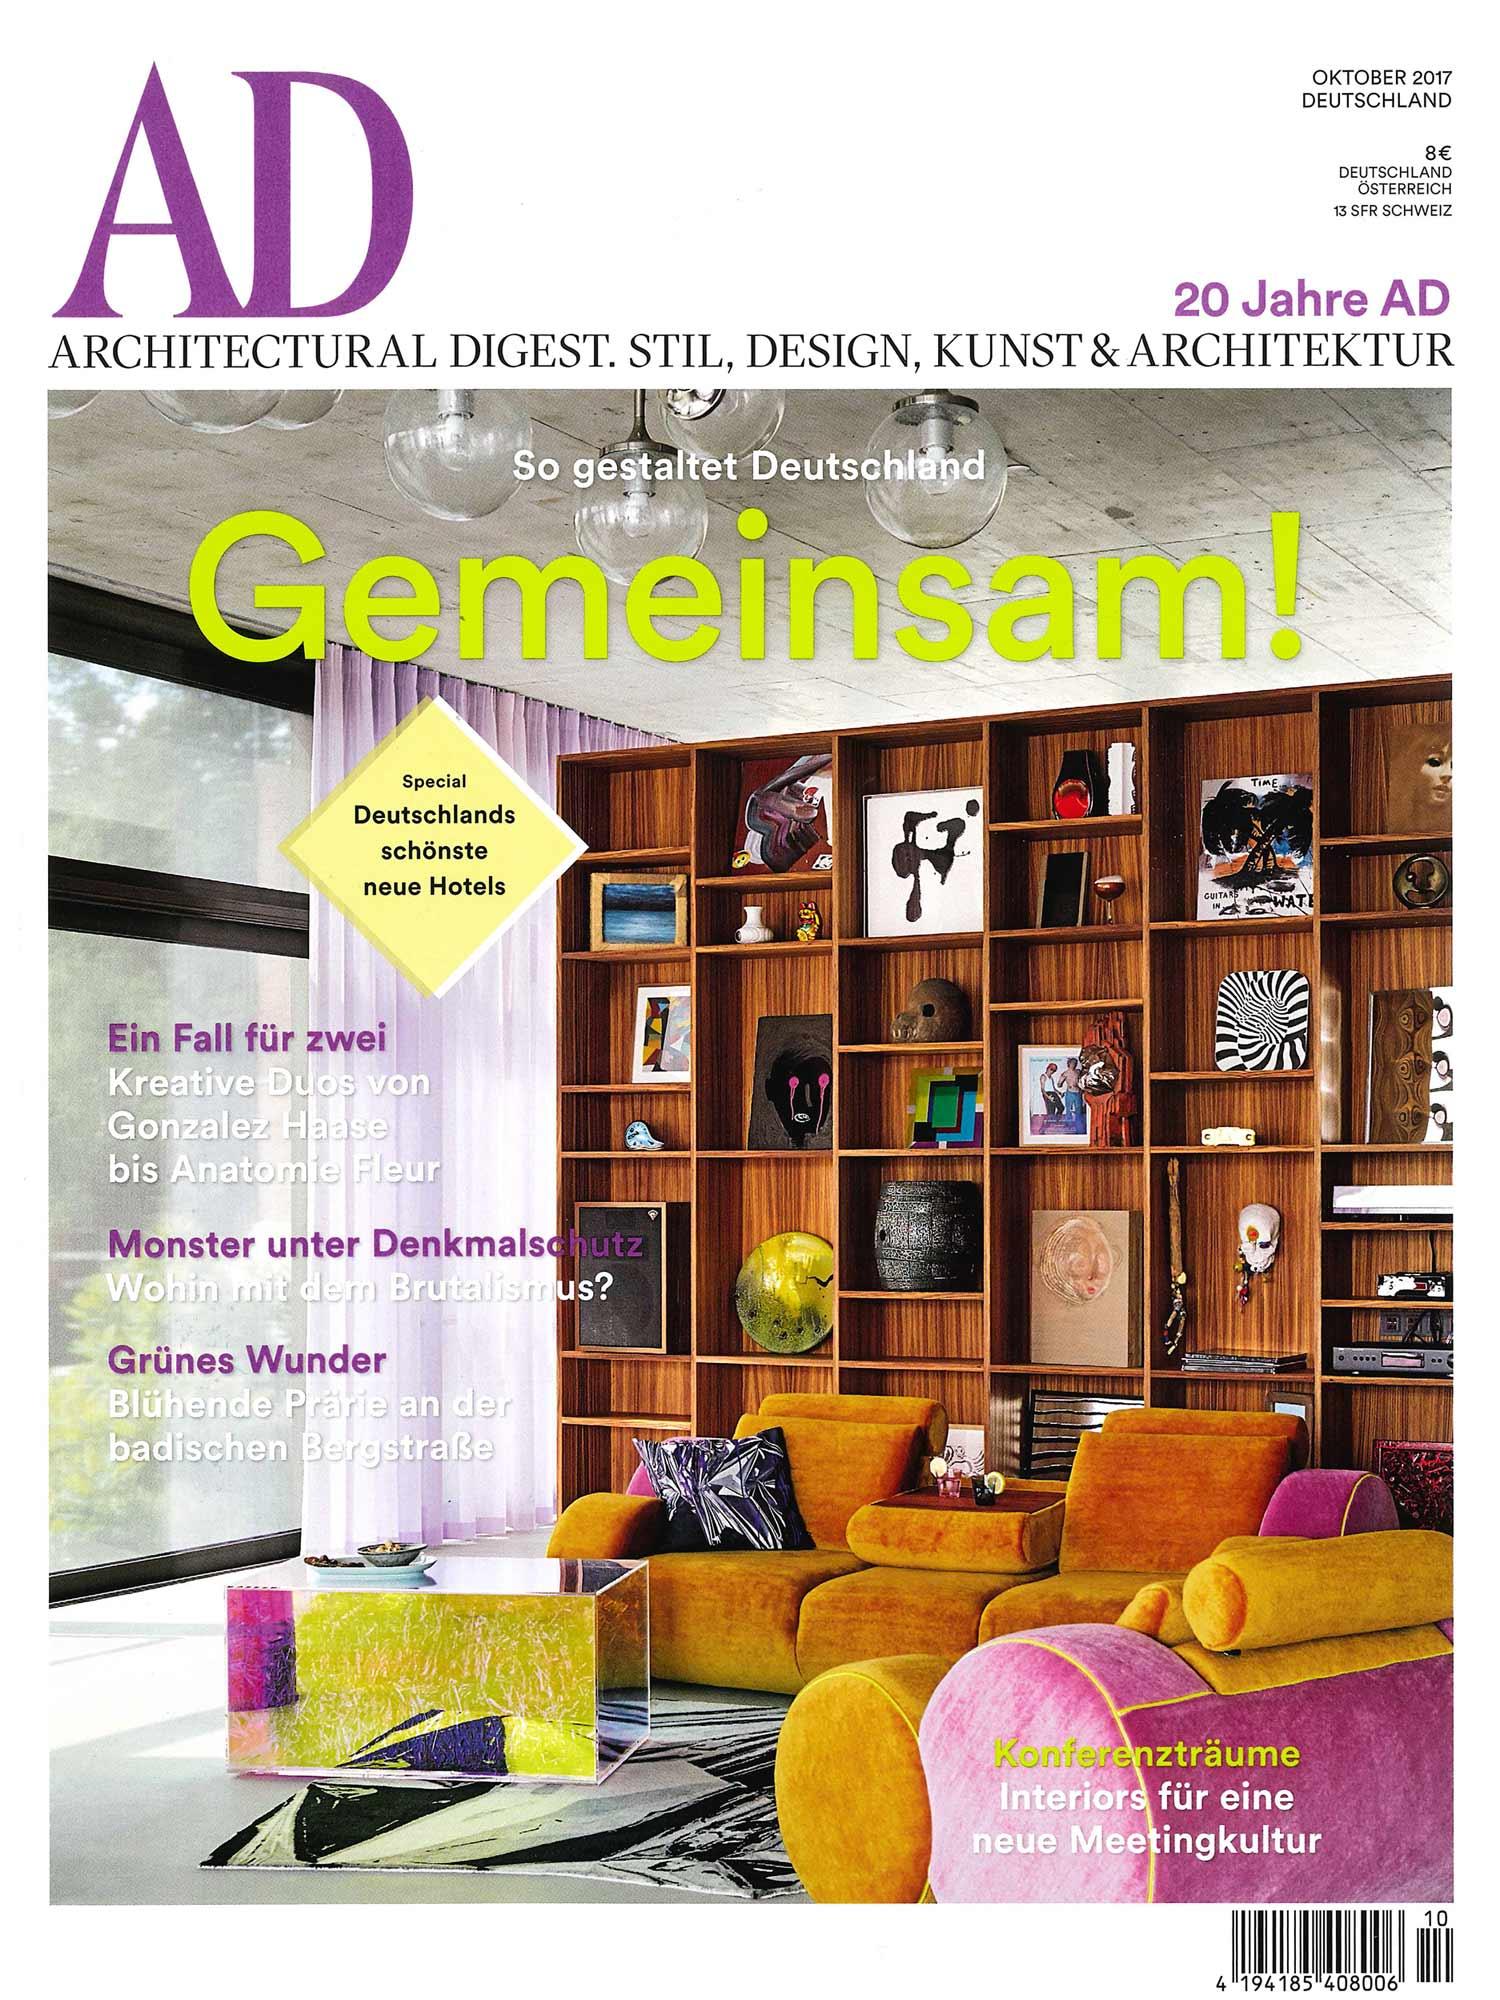 AD_Titelblatt-optimiert.jpg